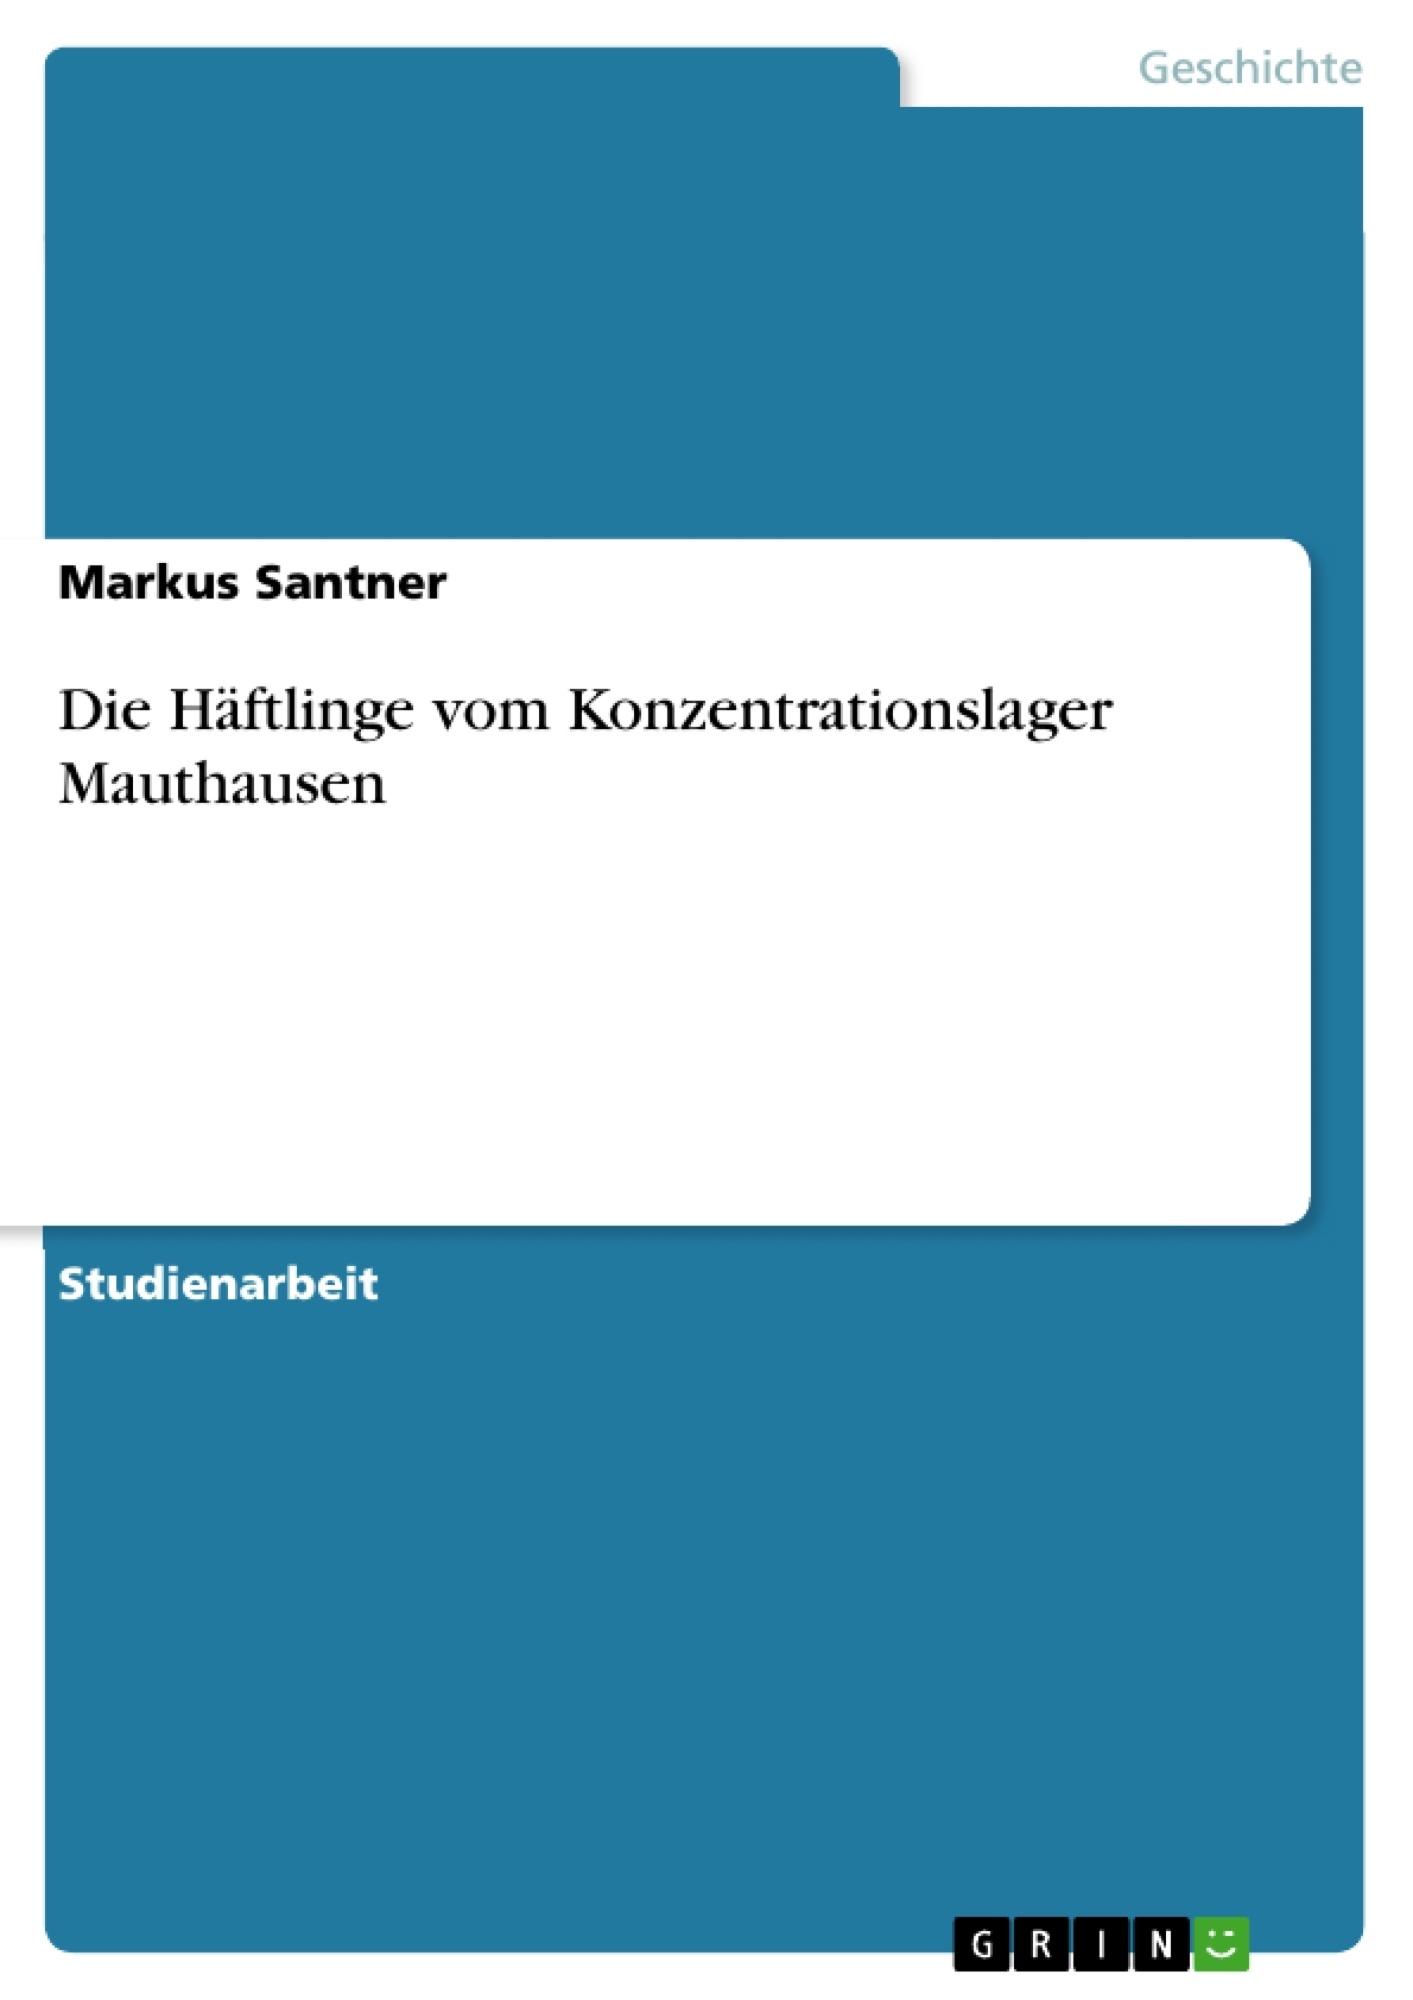 Titel: Die Häftlinge vom Konzentrationslager Mauthausen